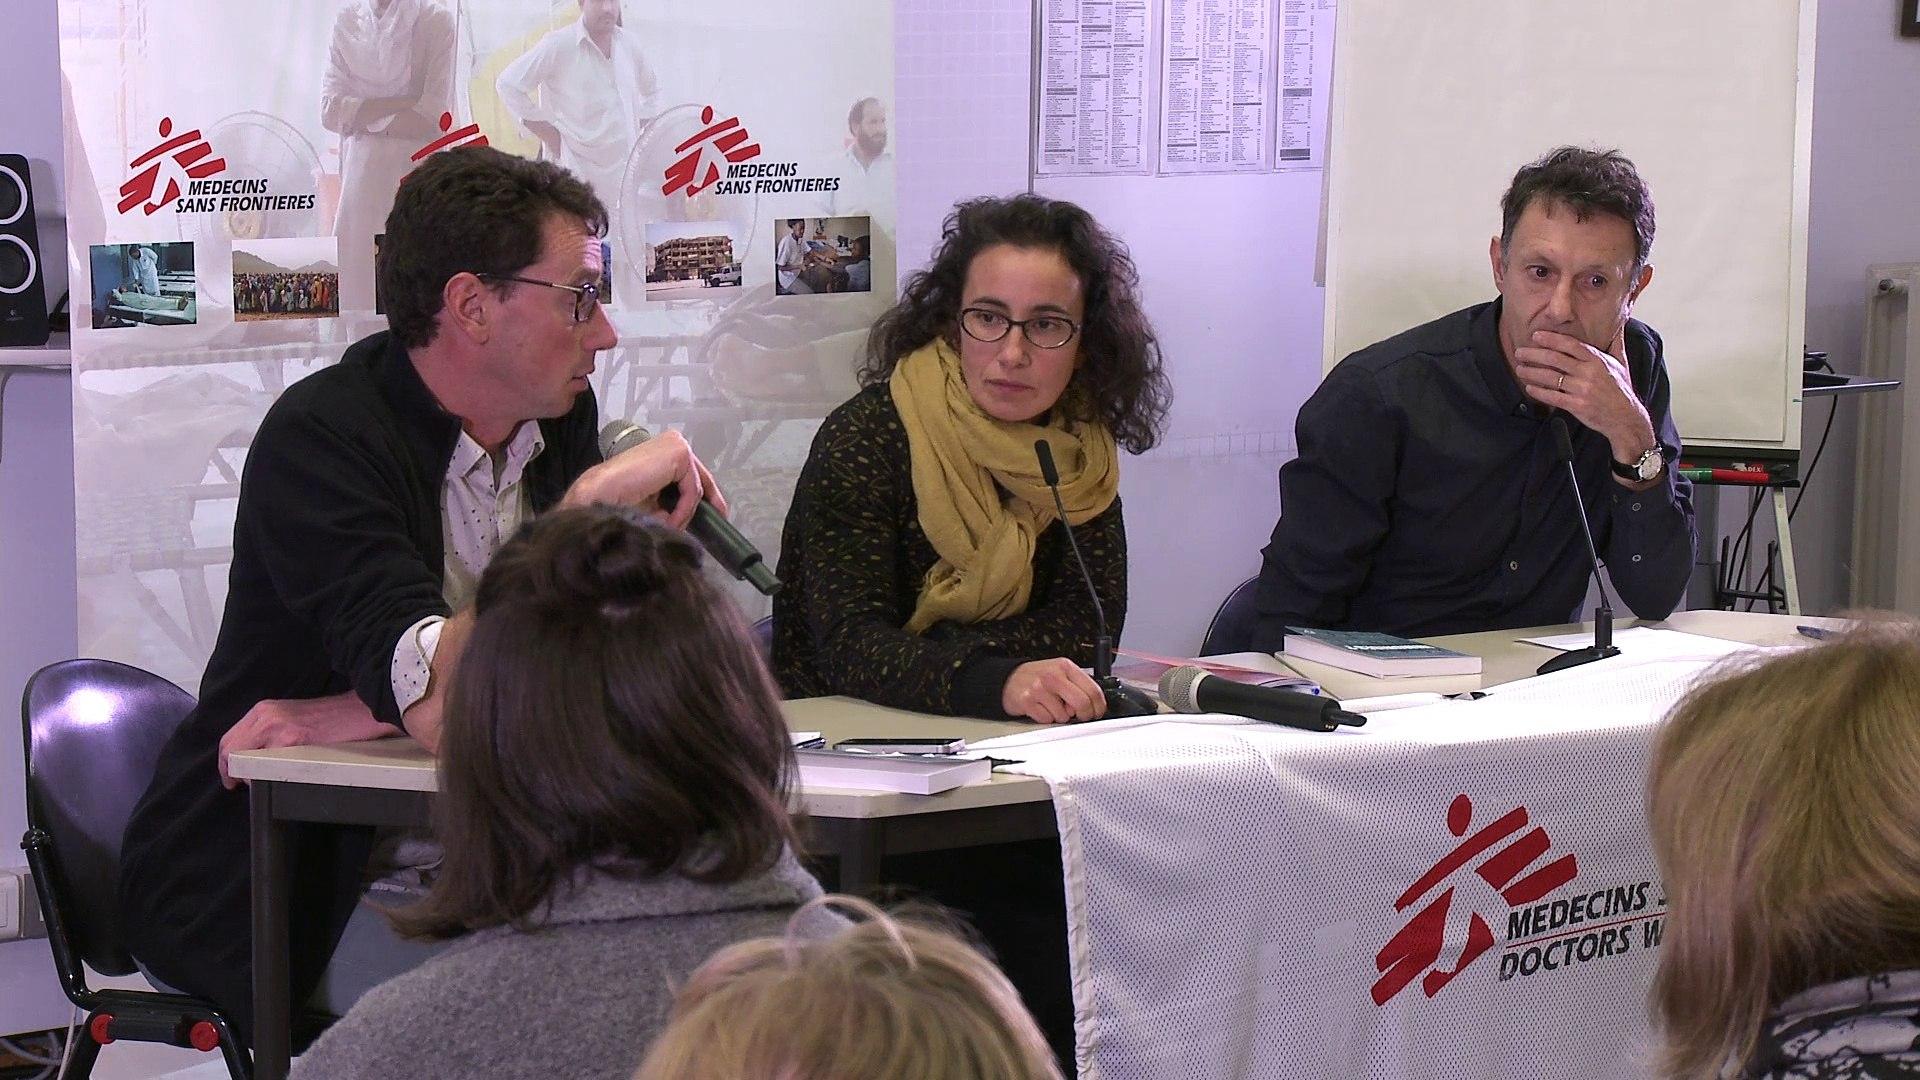 Conference Debat Msf Crash 01 Immunises Un Nouveau Regard Sur Les Vaccins